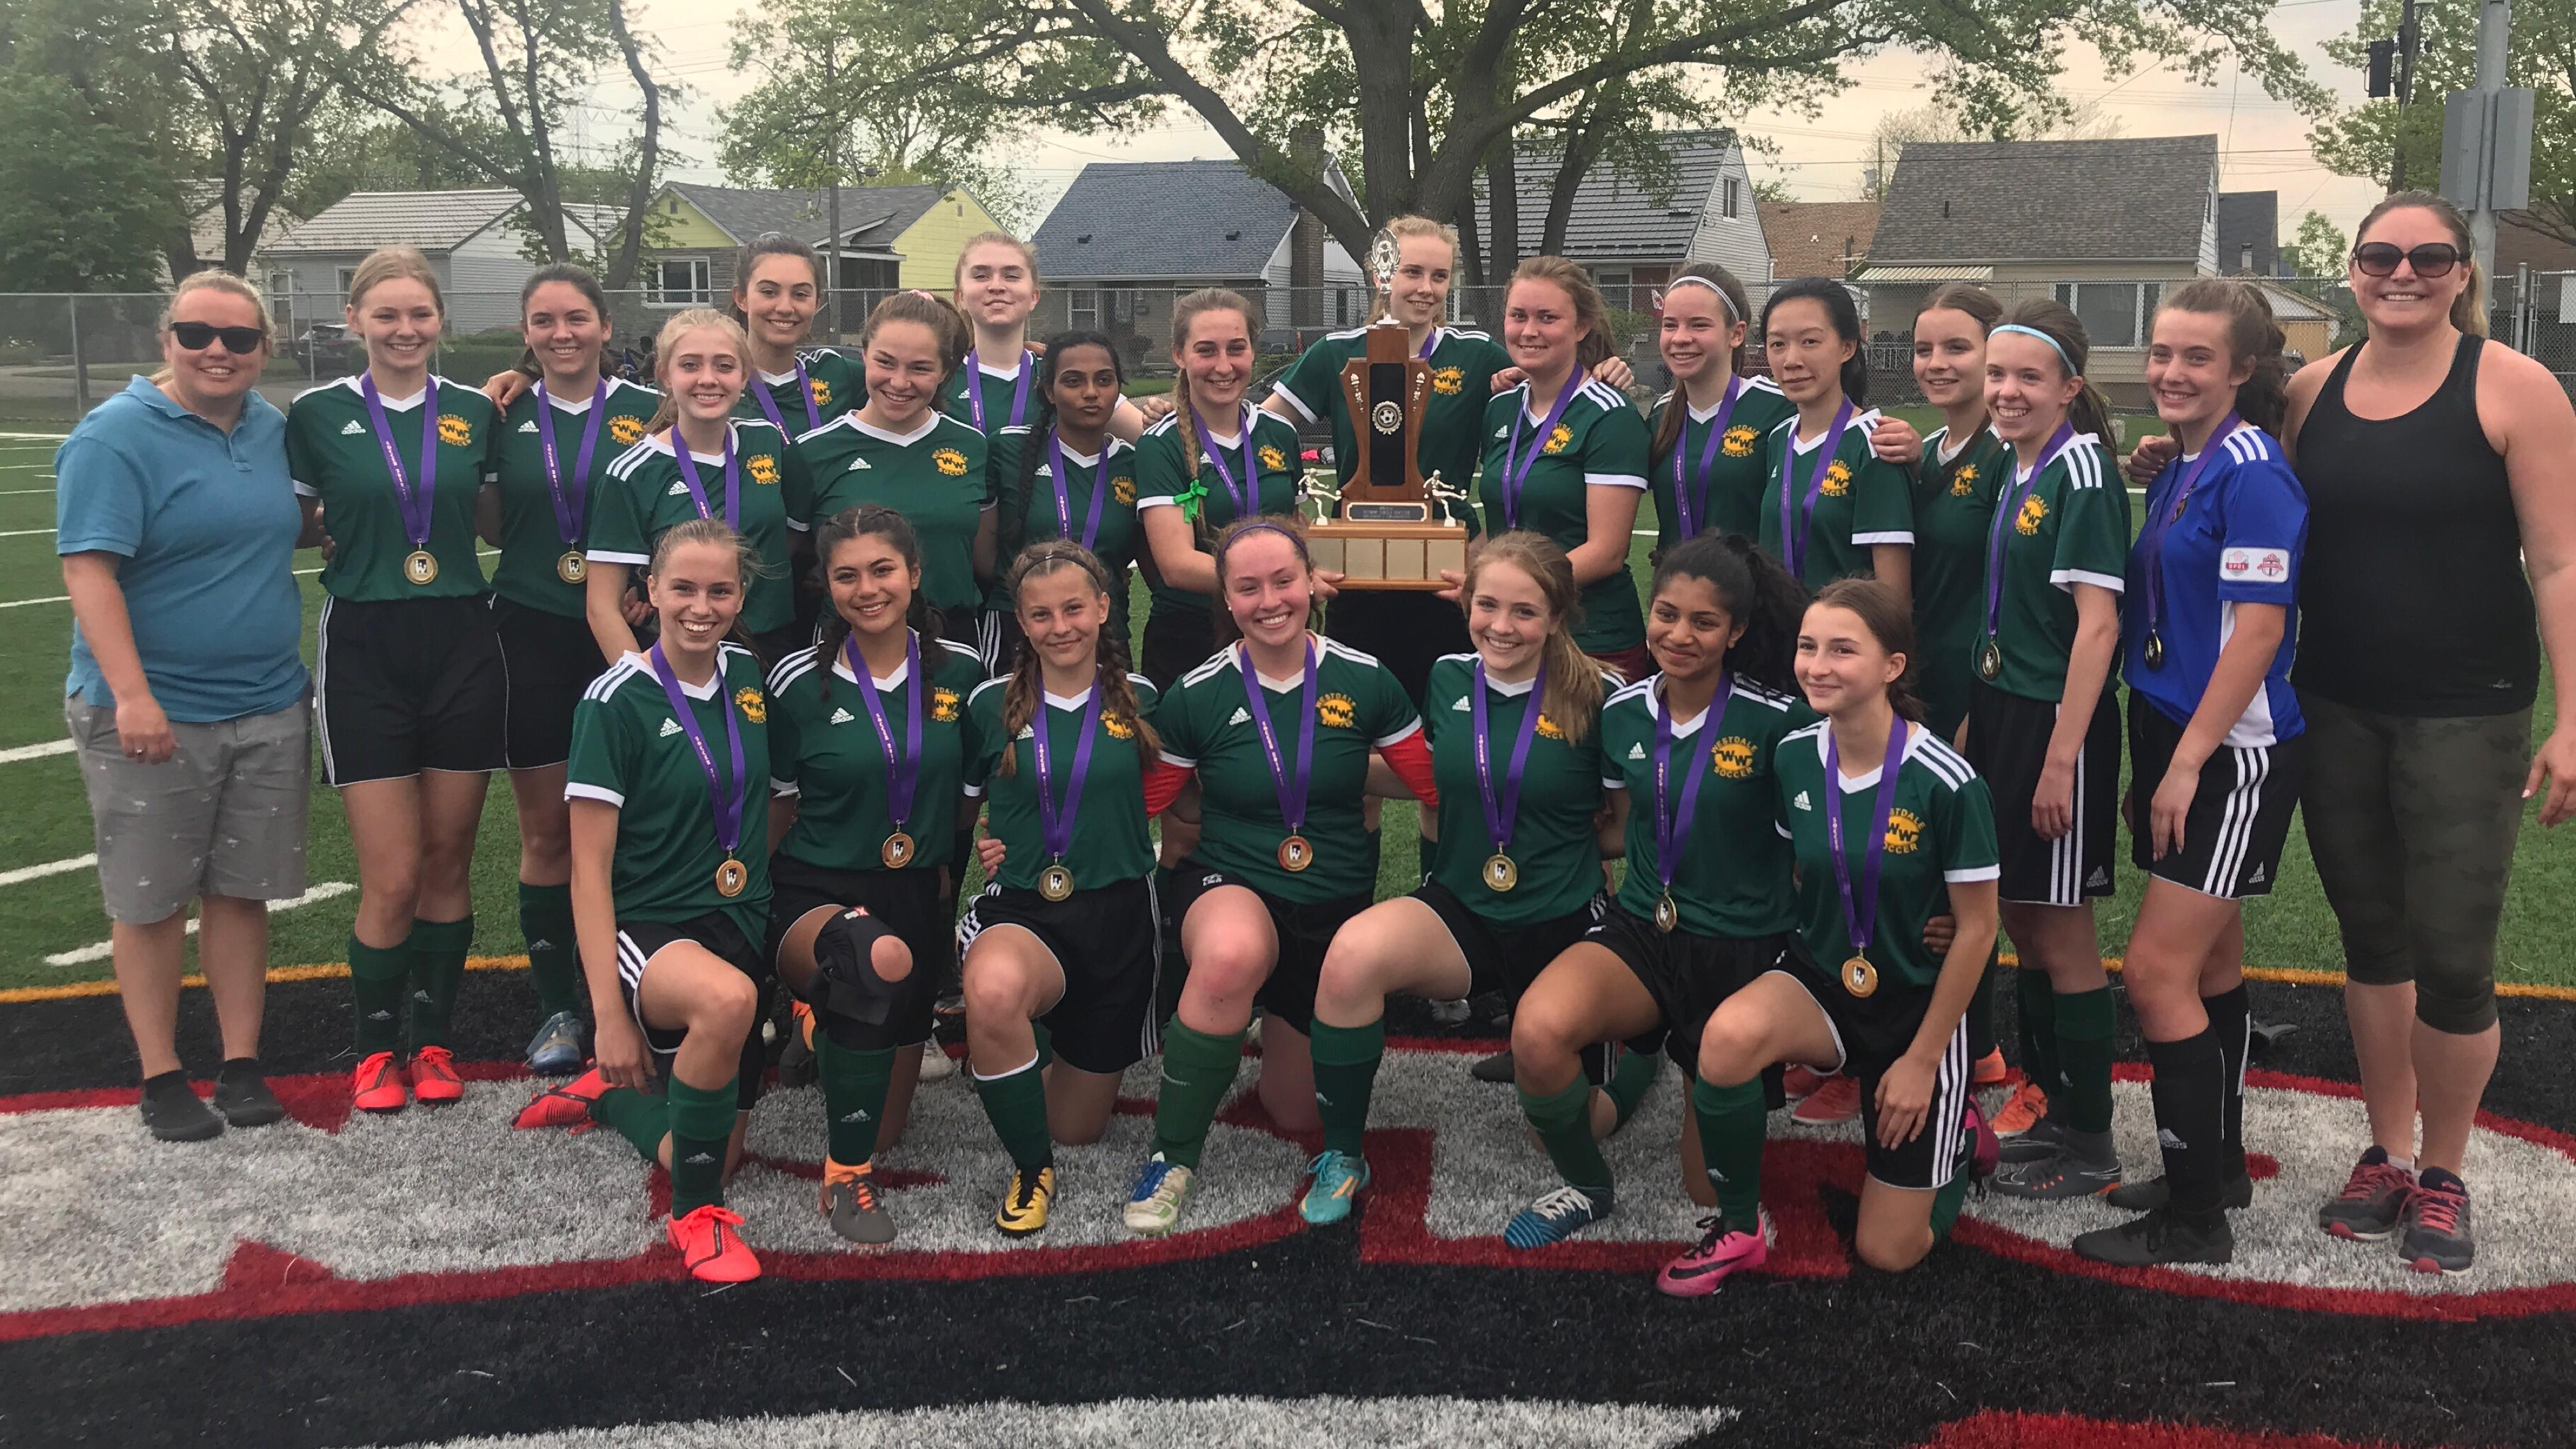 2018-19 Girls Soccer Champions